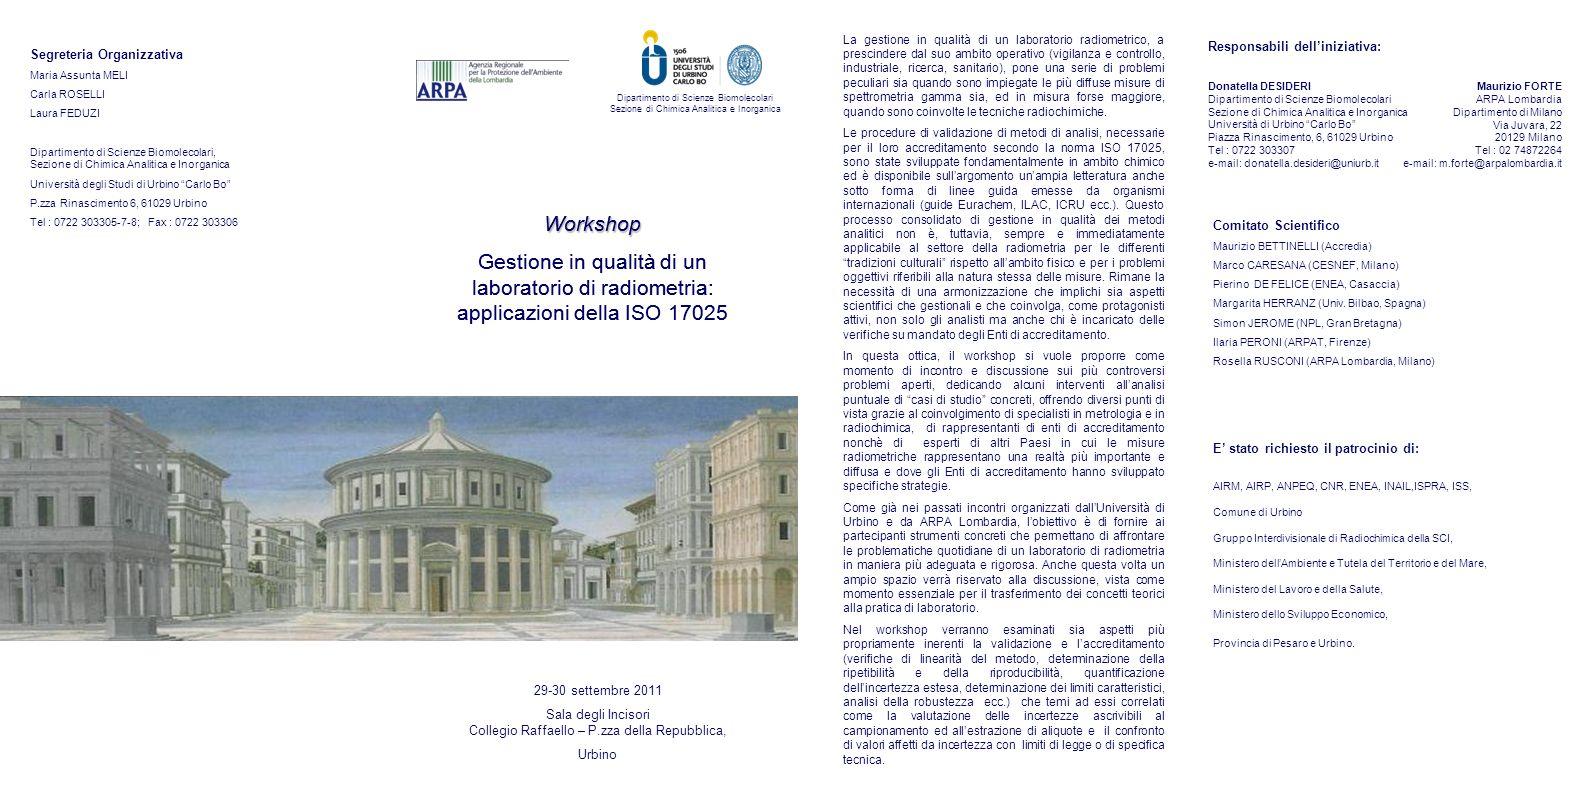 Sala degli Incisori Collegio Raffaello – P.zza della Repubblica,